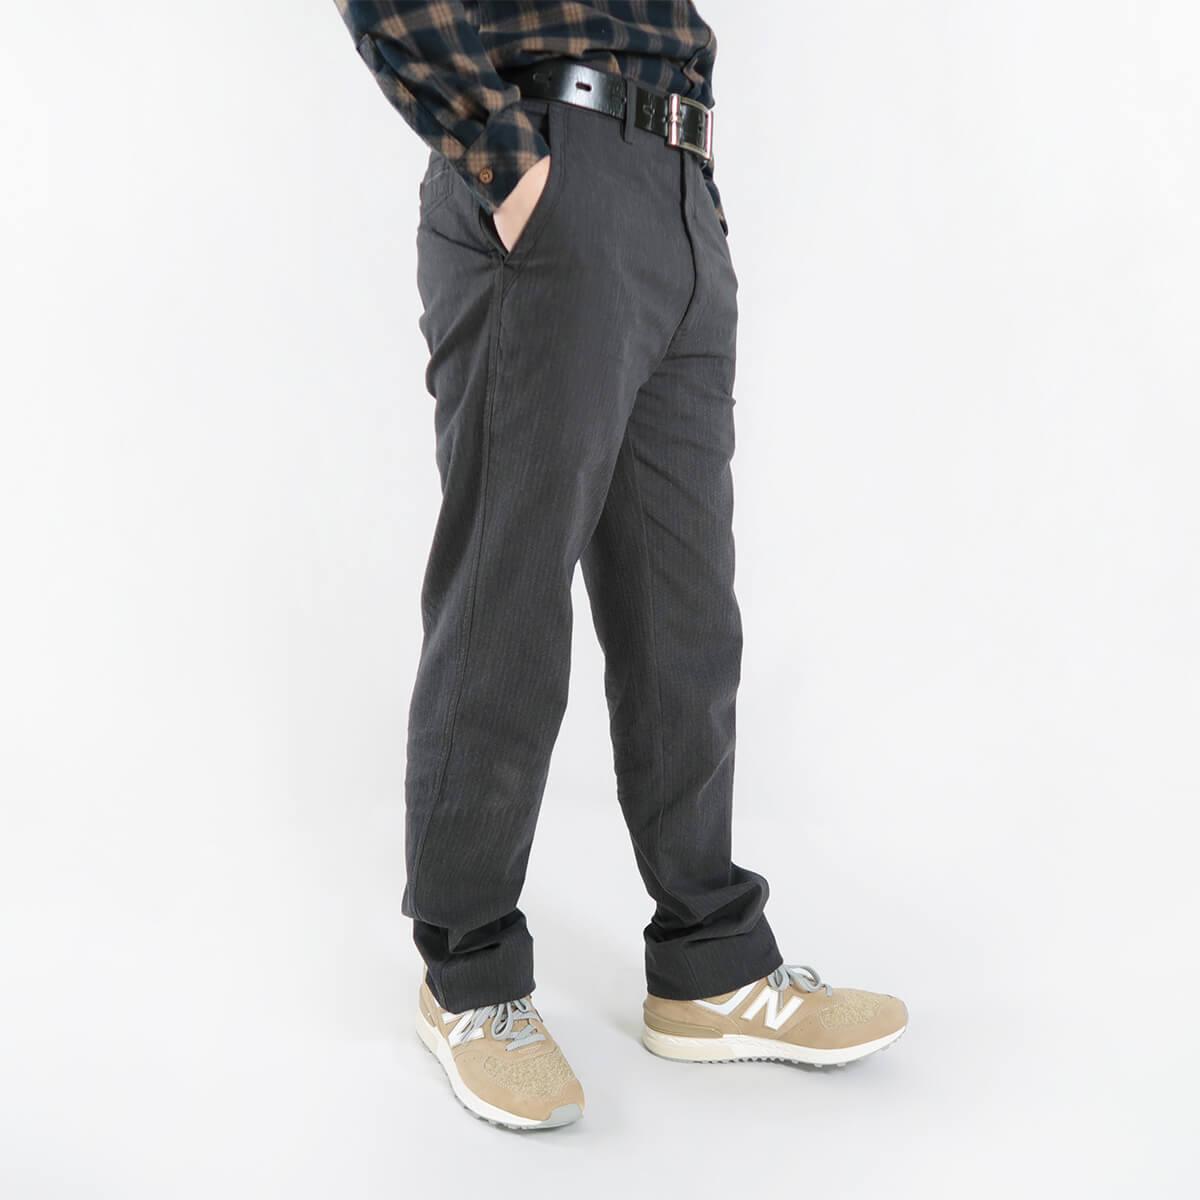 加大尺碼精梳棉平面休閒長褲 顯瘦長褲 彈性長褲 斜口袋條紋長褲 版型修飾腿型更顯修長 COMBED COTTON CASUAL PANTS FLAT FRONT STRAIGHT PANTS SLIM PANTS (321-1071-01)黑色 腰圍30~41(英吋) [實體店面保障] sun-e 2